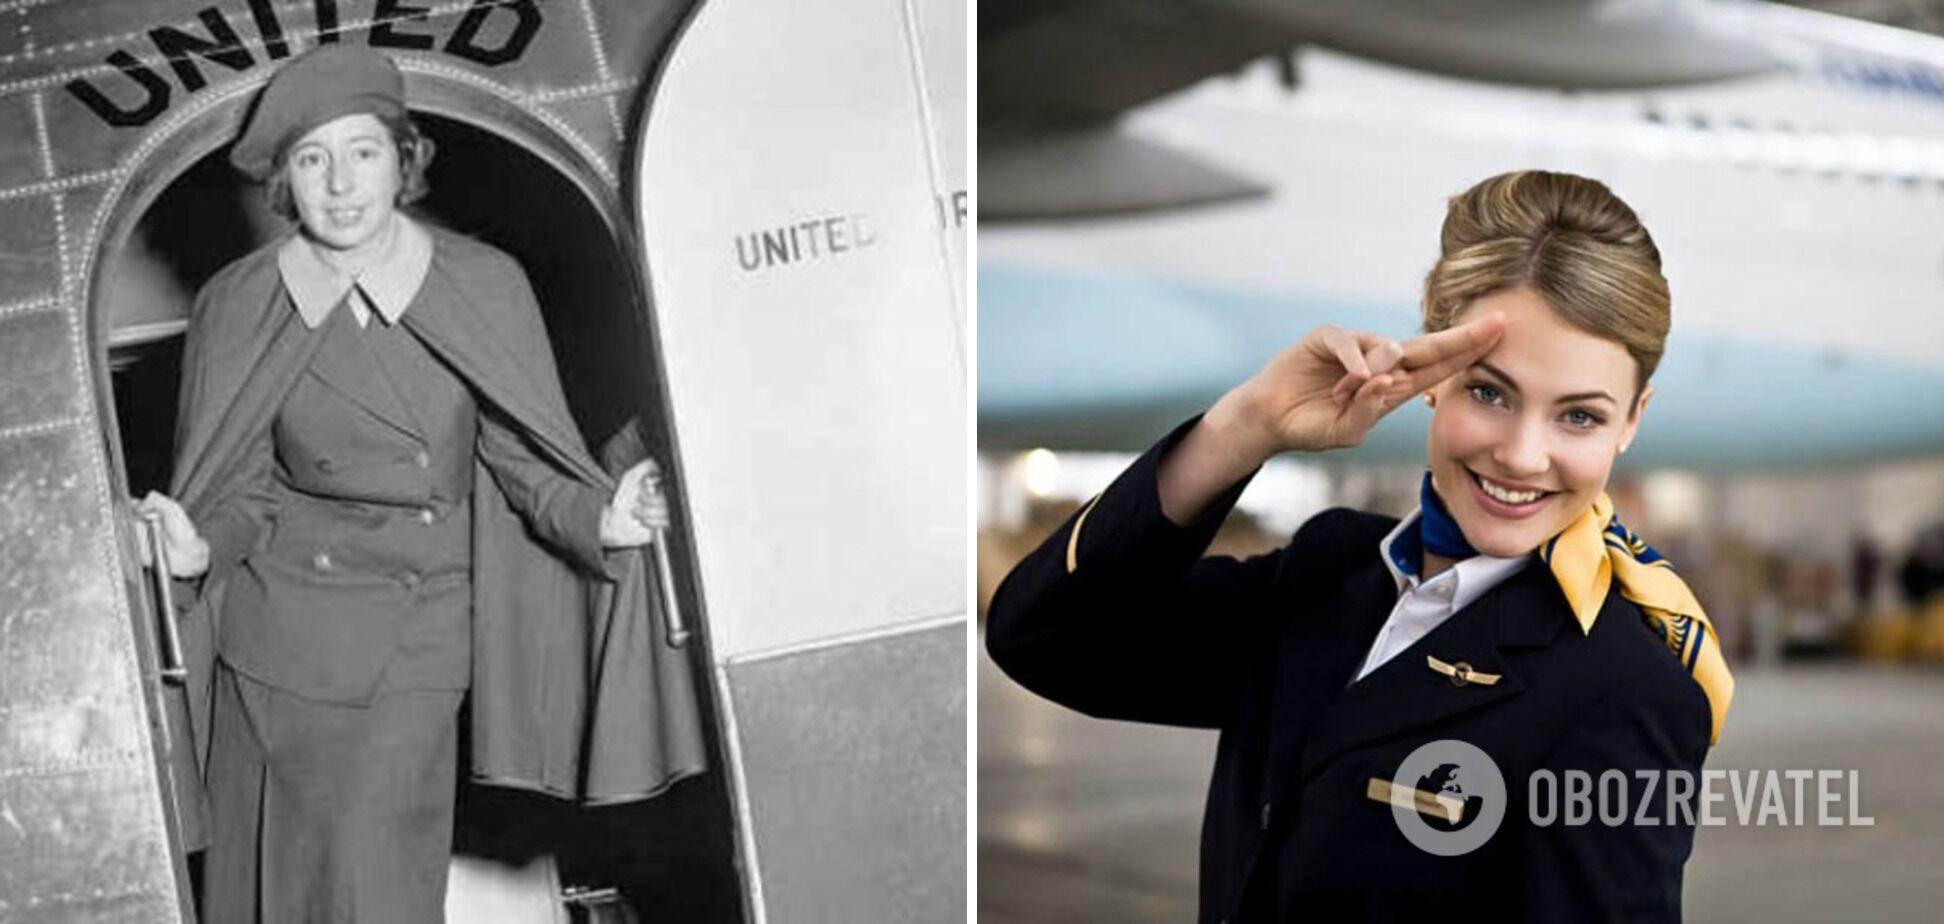 Первая стюардесса и современная бортпроводник.